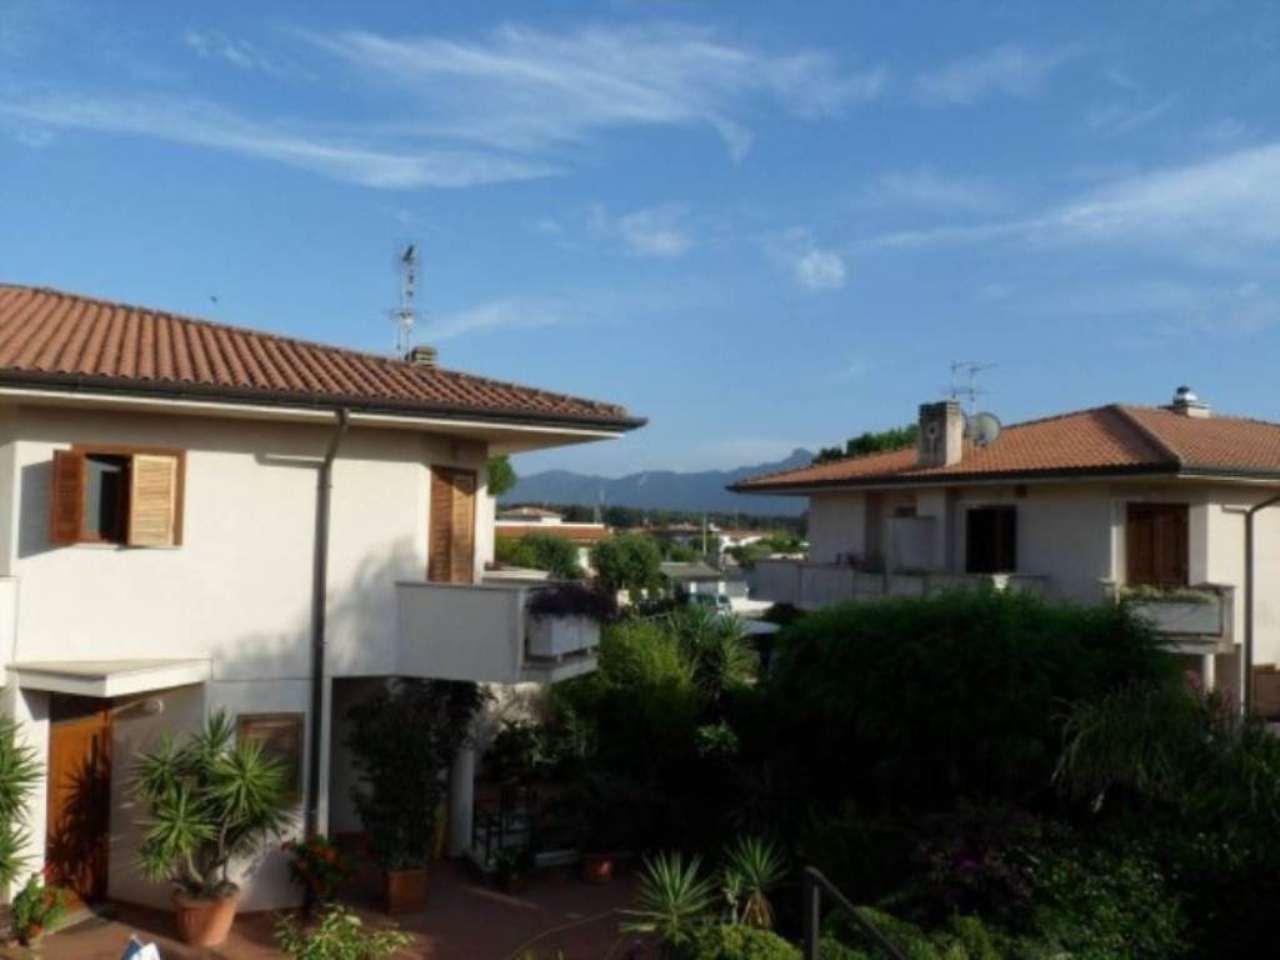 Villa in vendita a Sabaudia, 5 locali, prezzo € 440.000 | CambioCasa.it